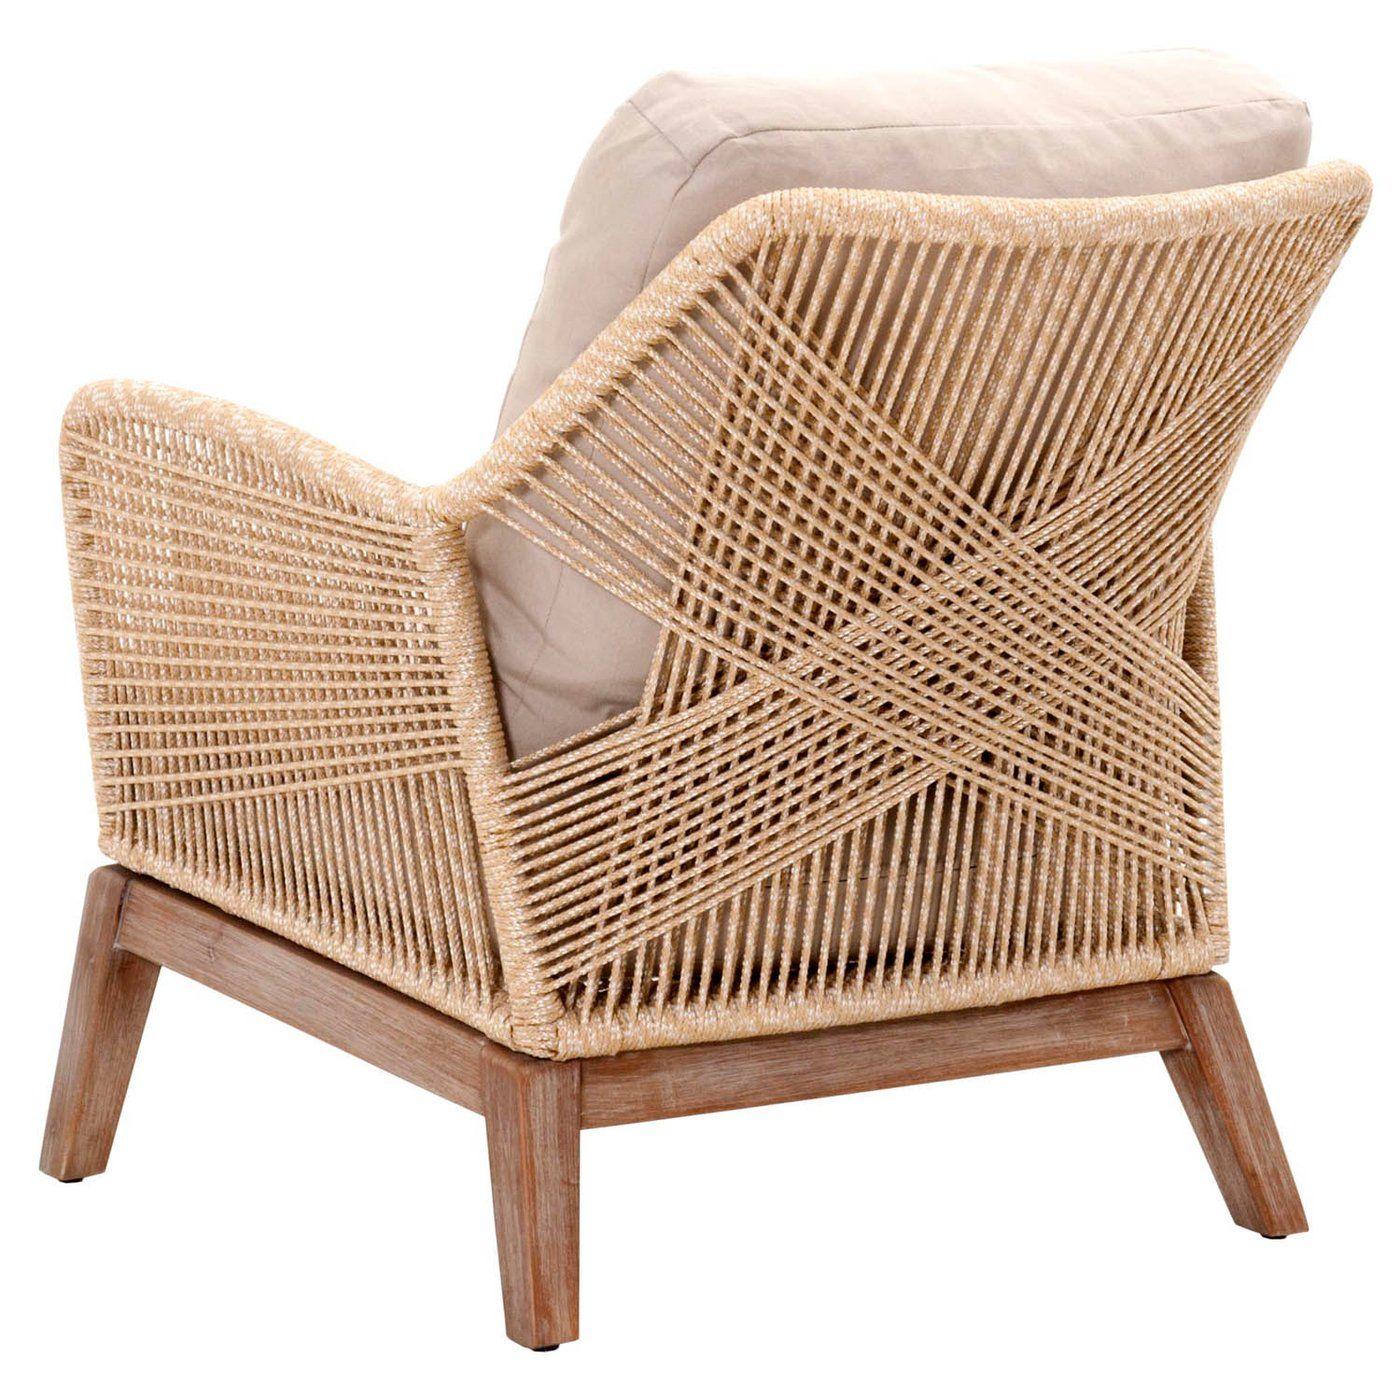 Wicker Loom Club Chair Sand Rope Mobilya Tasarimi Yemek Masasi Sandalyesi Tekli Koltuk